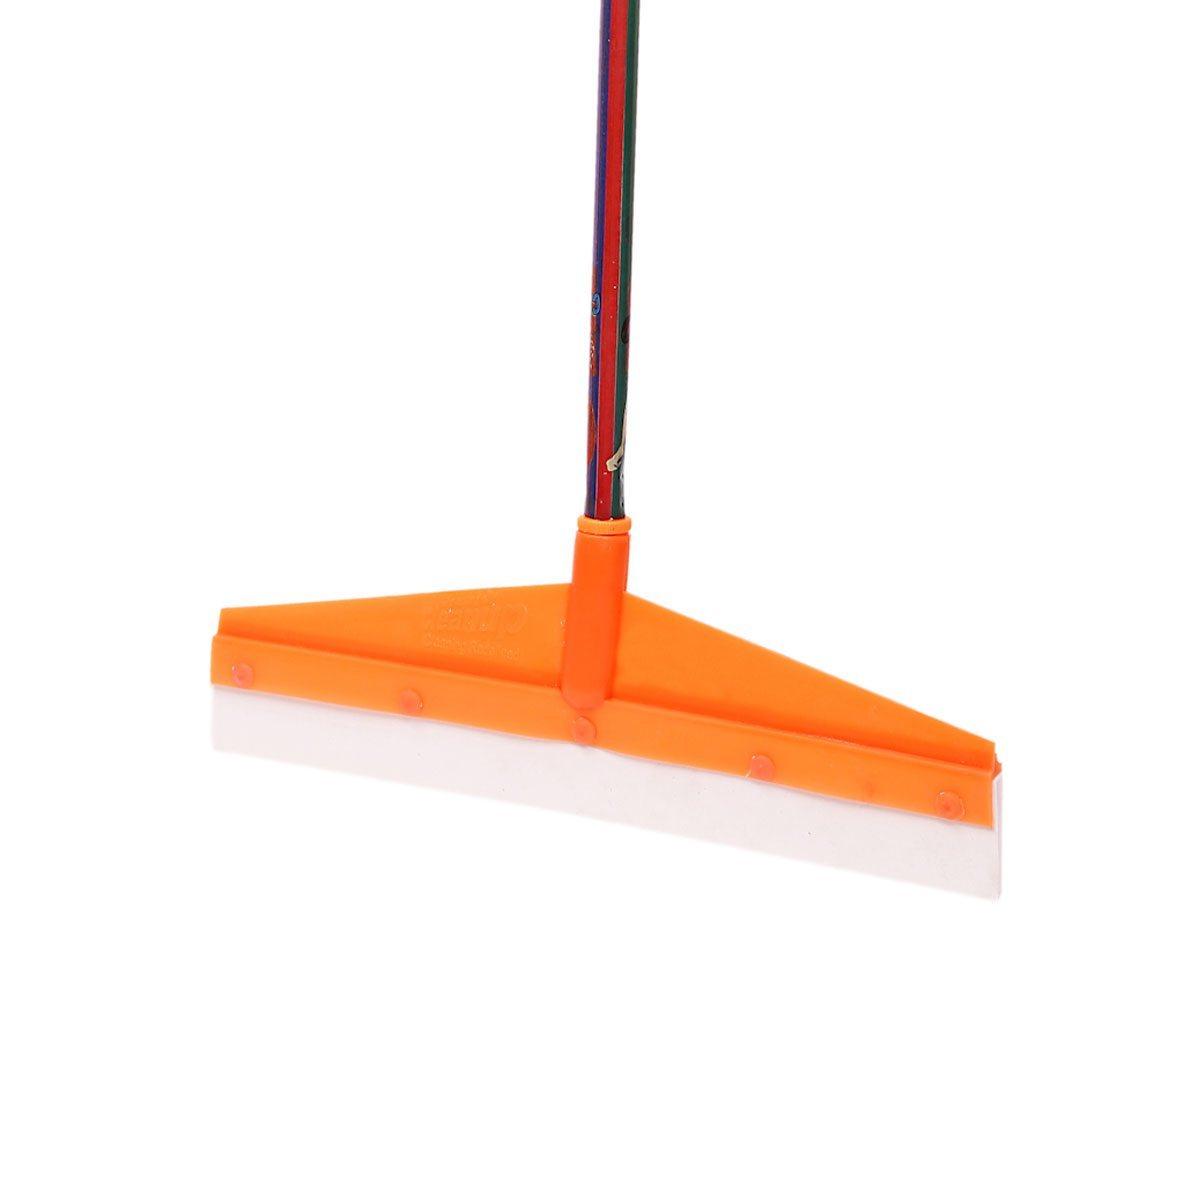 Floor wipers